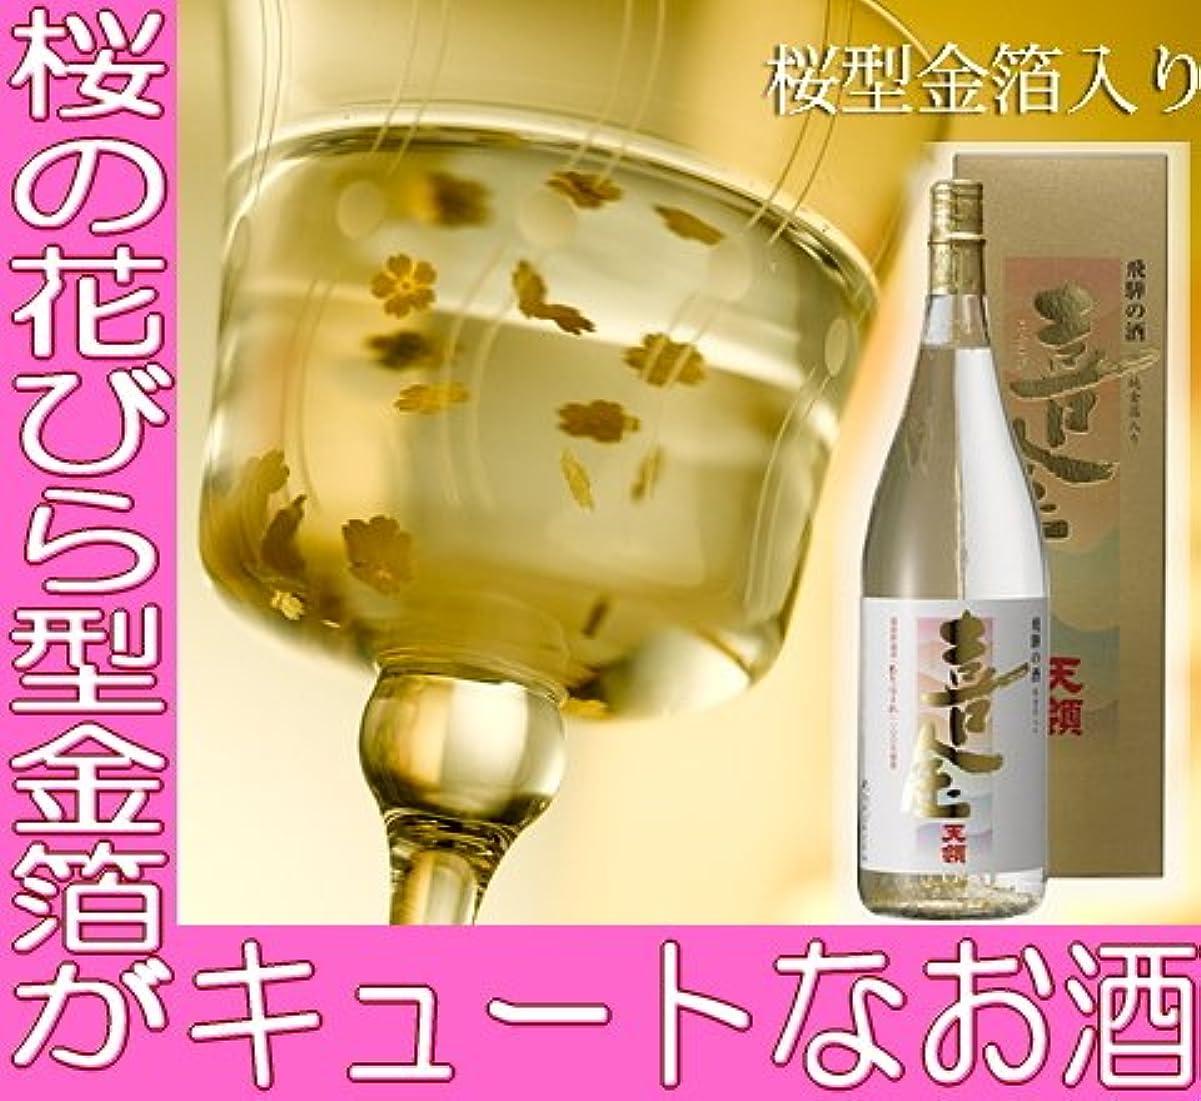 ガスアクティビティかもしれない日本酒 桜の花びら 金箔入り 喜金 ききん 本醸造 720ml